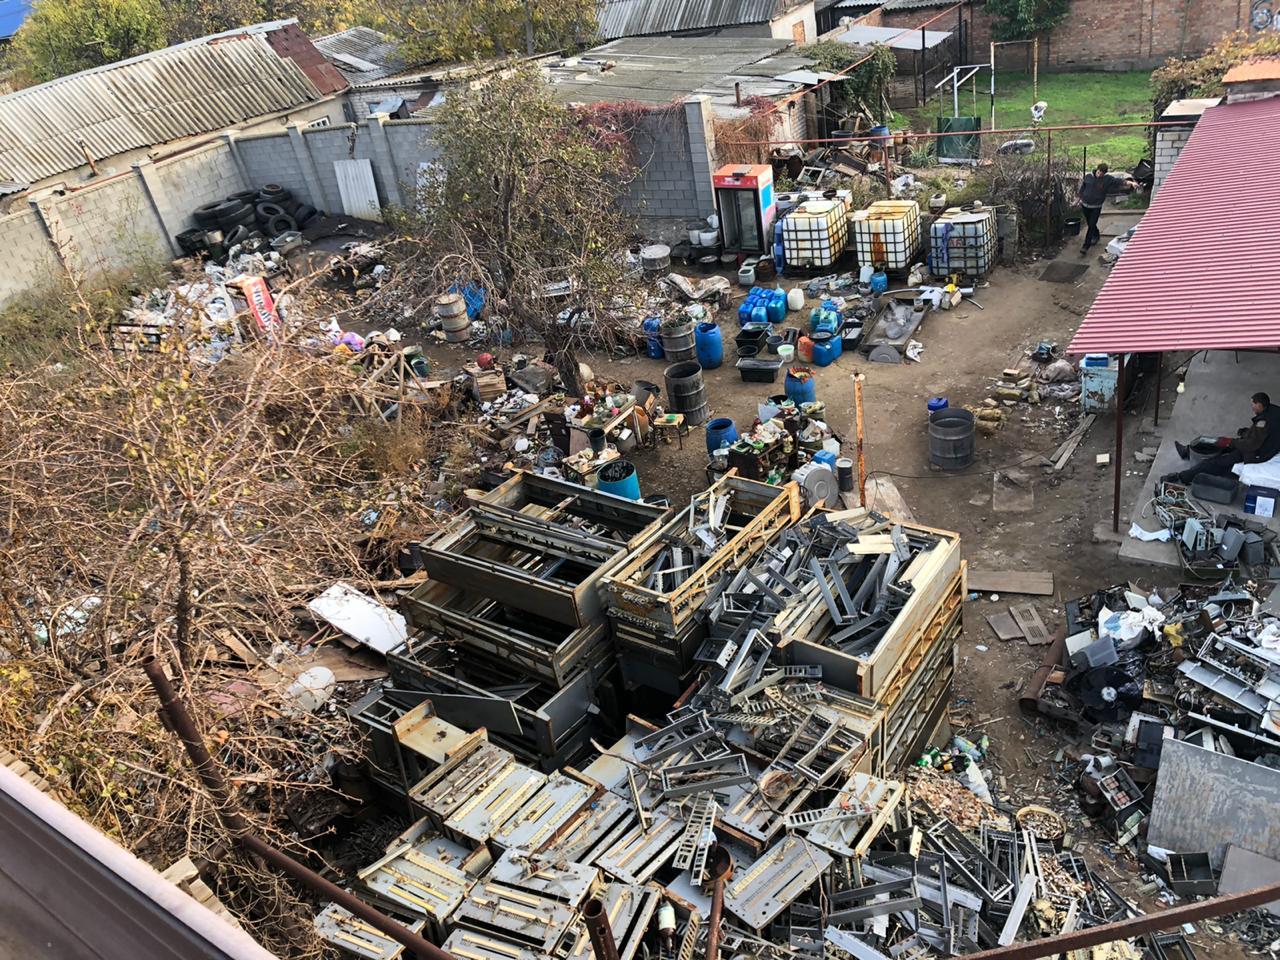 «Самоубийство и экоцид», — в Корабельном районе «ударными темпами» занимаются очисткой тяжелых металлов от примесей